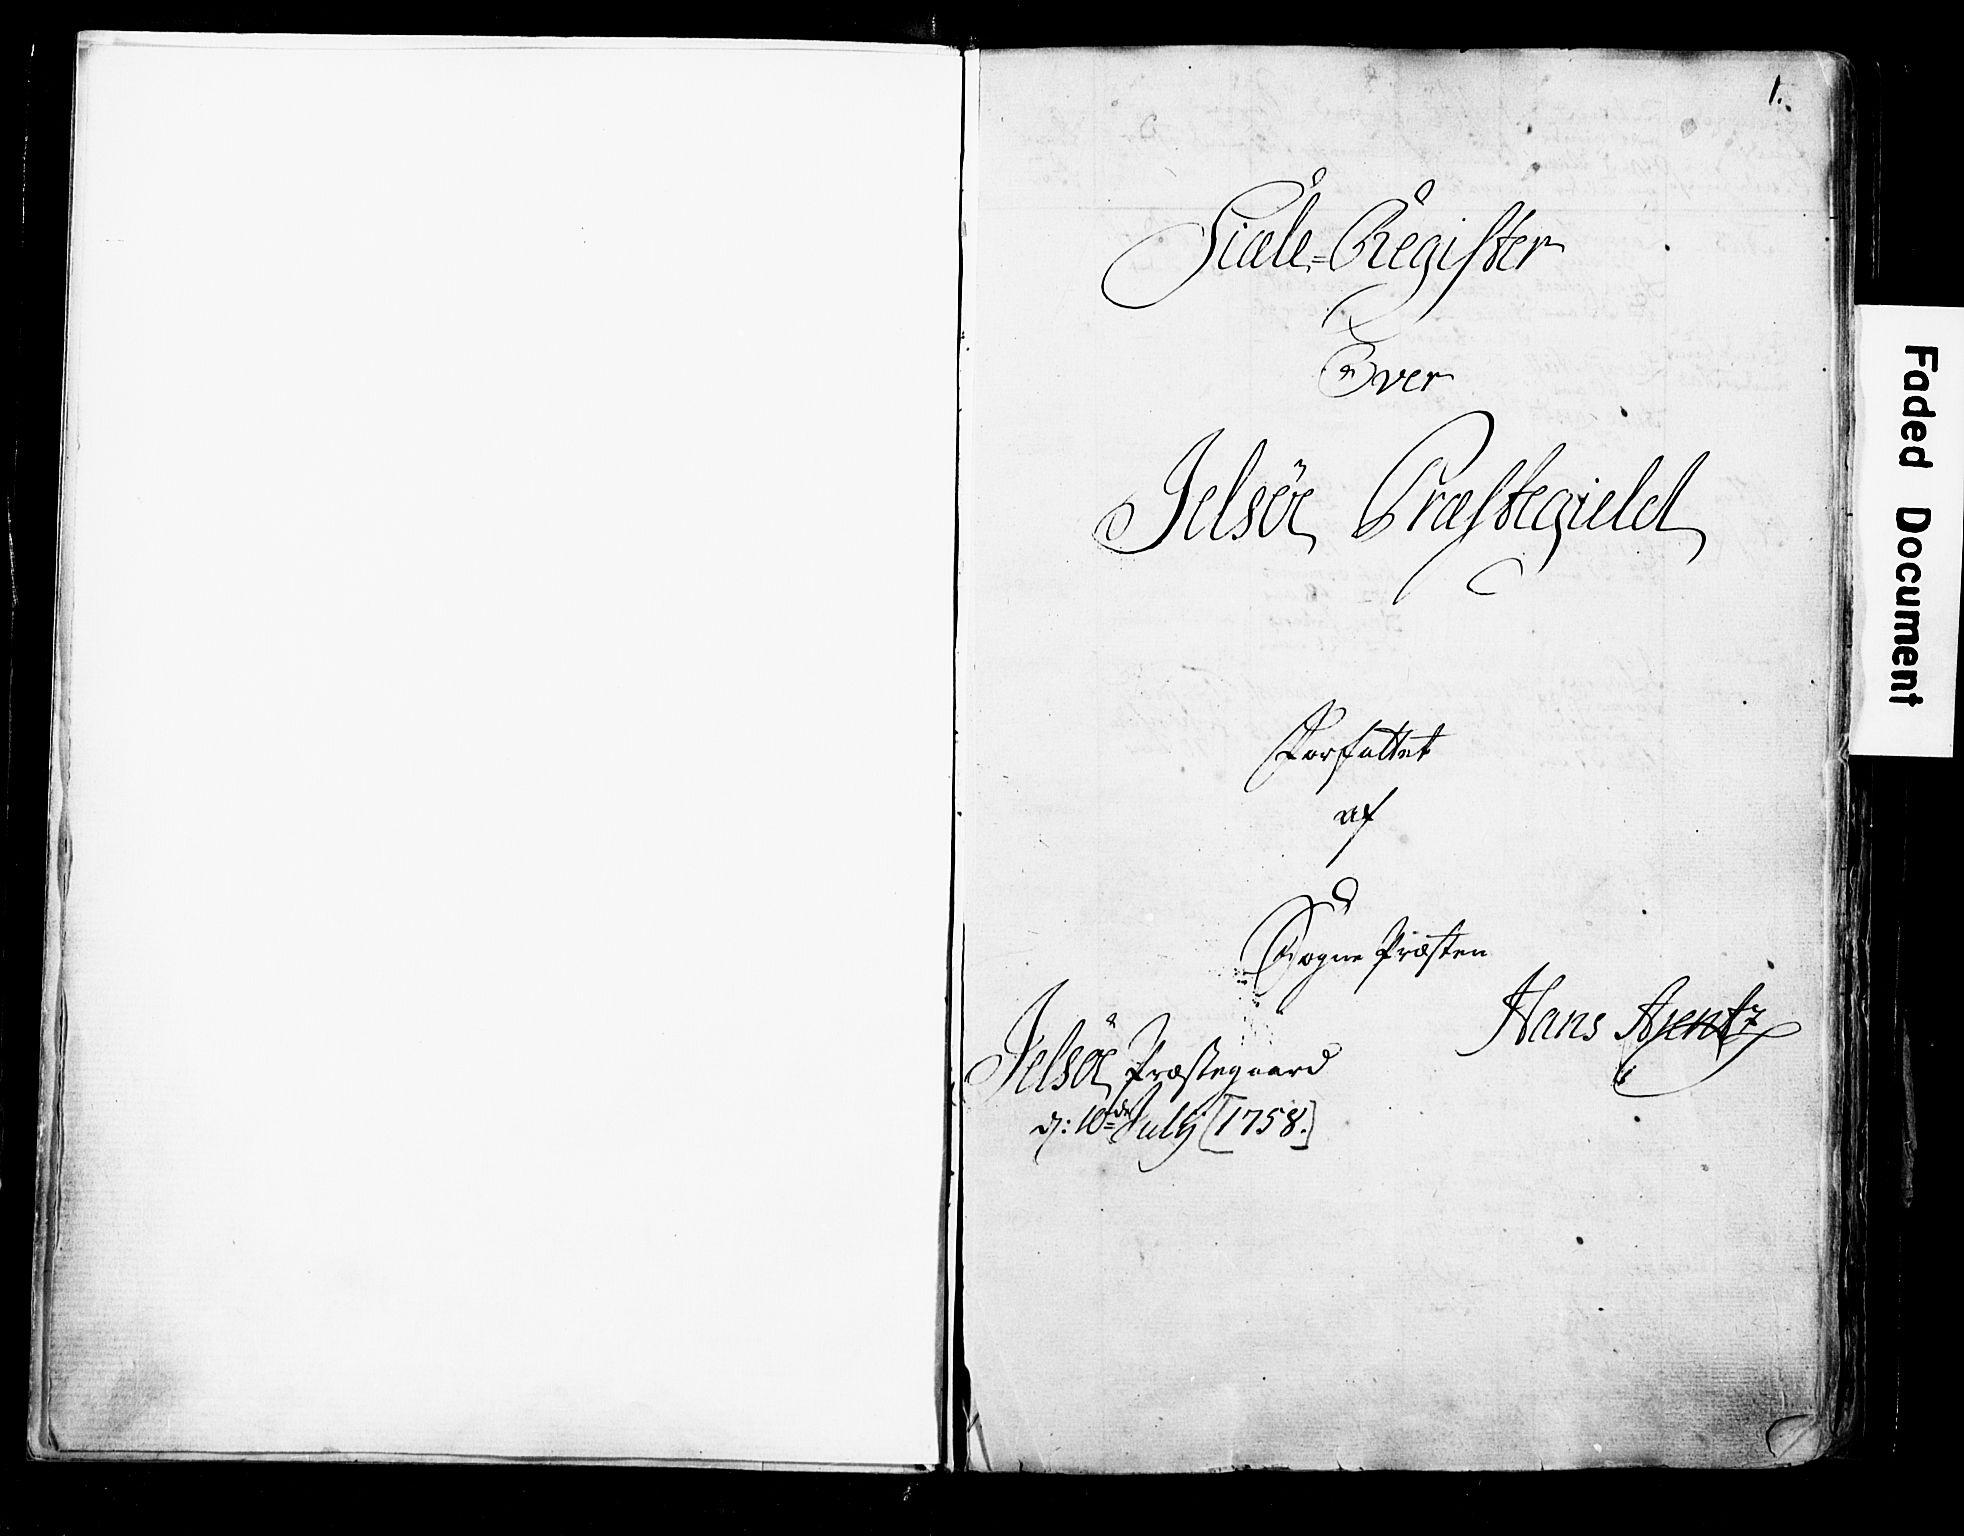 SAST, Fylkesmannen i Rogaland, 3/325/325CA/L0016: SJELEREGISTER RYFYLKE PRESTEGJELD, 1758, s. 1